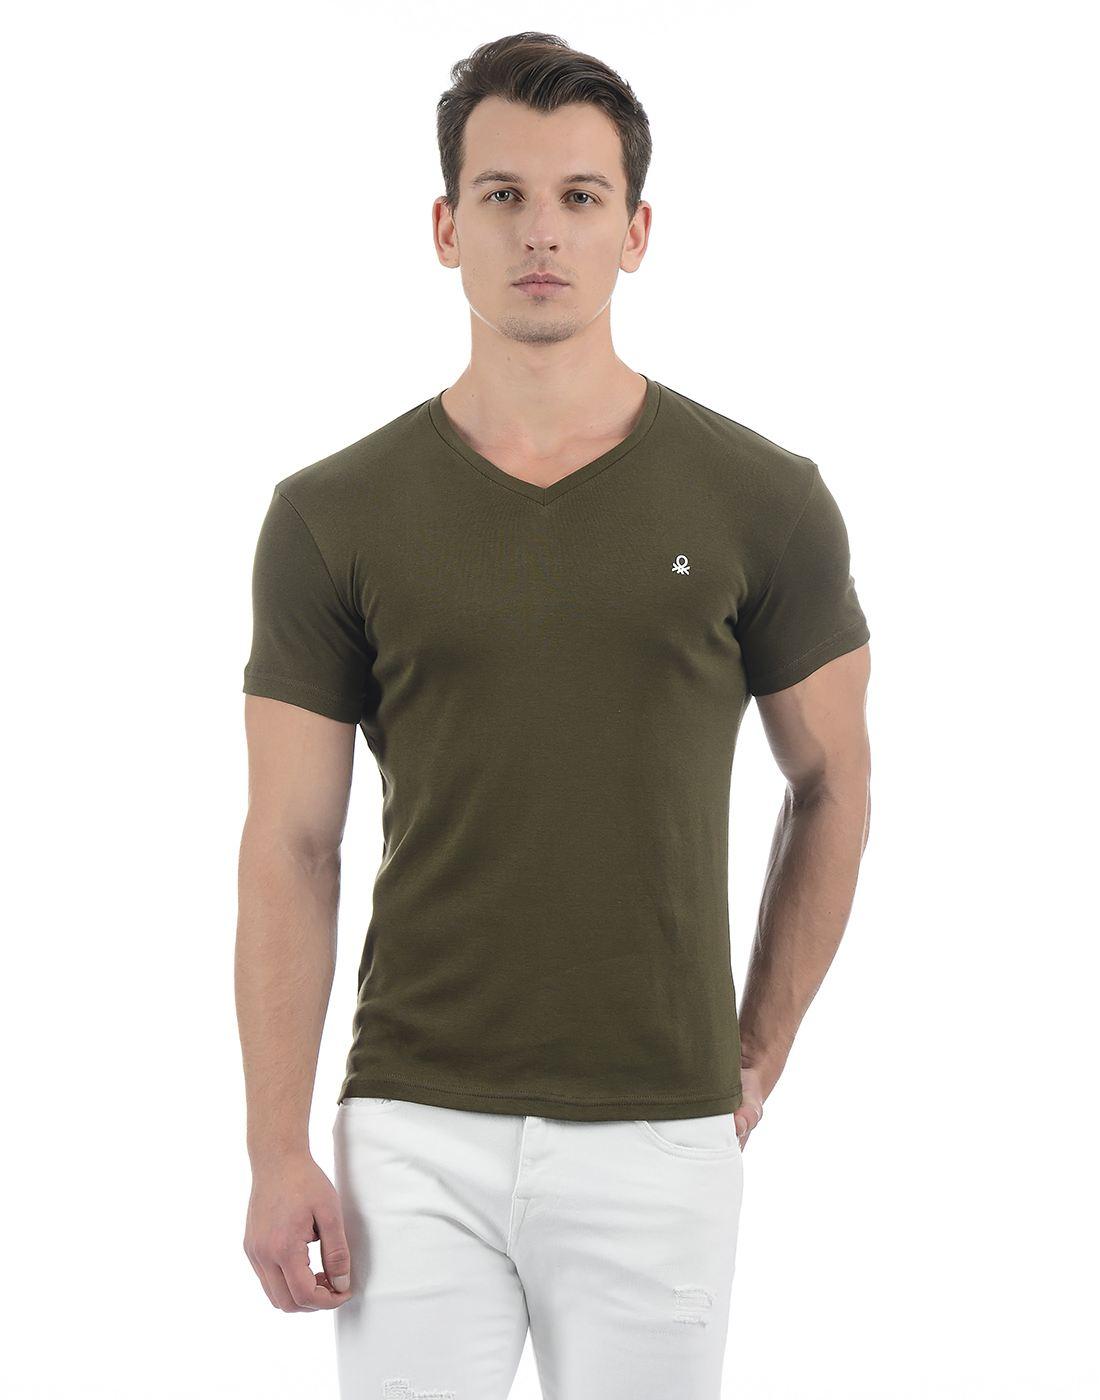 United Colors of Benetton Men's Green V-neck T-shirt